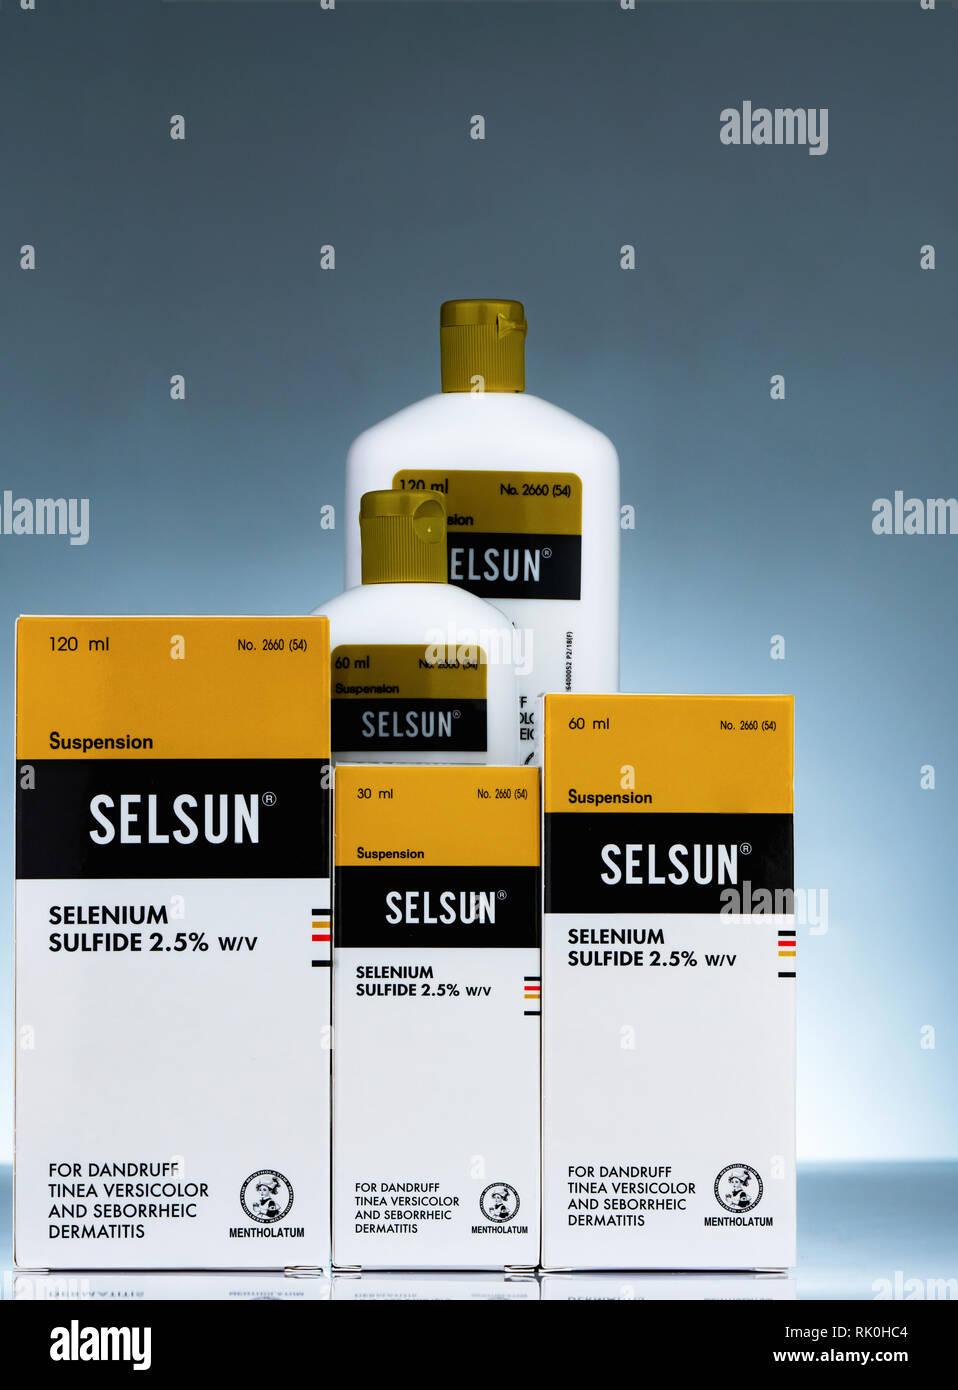 CHONBURI, THAILAND-OCTOBER 27, 2018 : Selsun suspension. Selenium sulfide 2.5% shampoo for dandruff Tinea Versicolor and seborrheic dermatitis. Medica Stock Photo